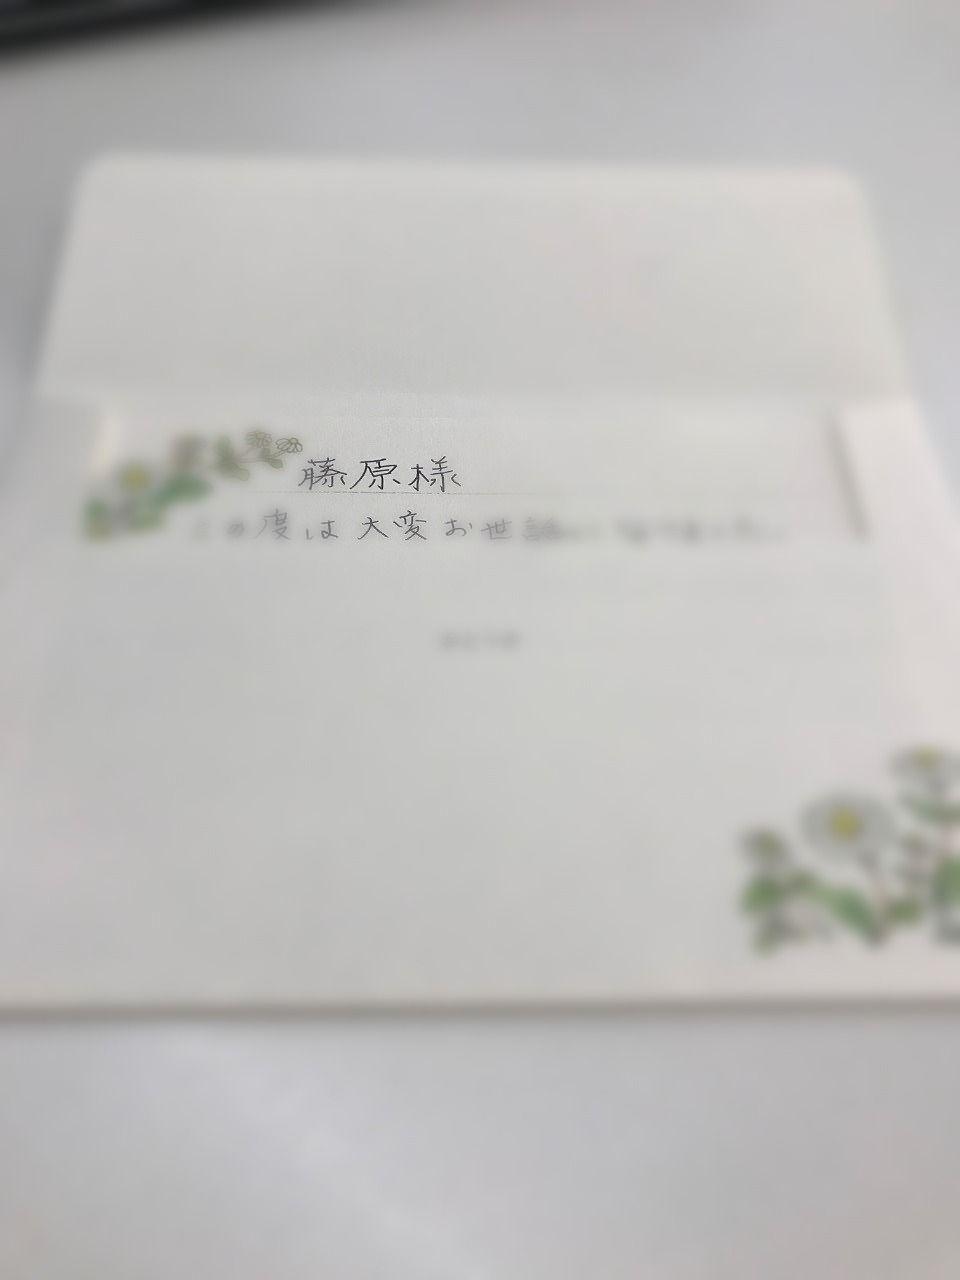 お部屋探しをお手伝いさせていただいた方のお母さまからお手紙を頂戴いたしました。